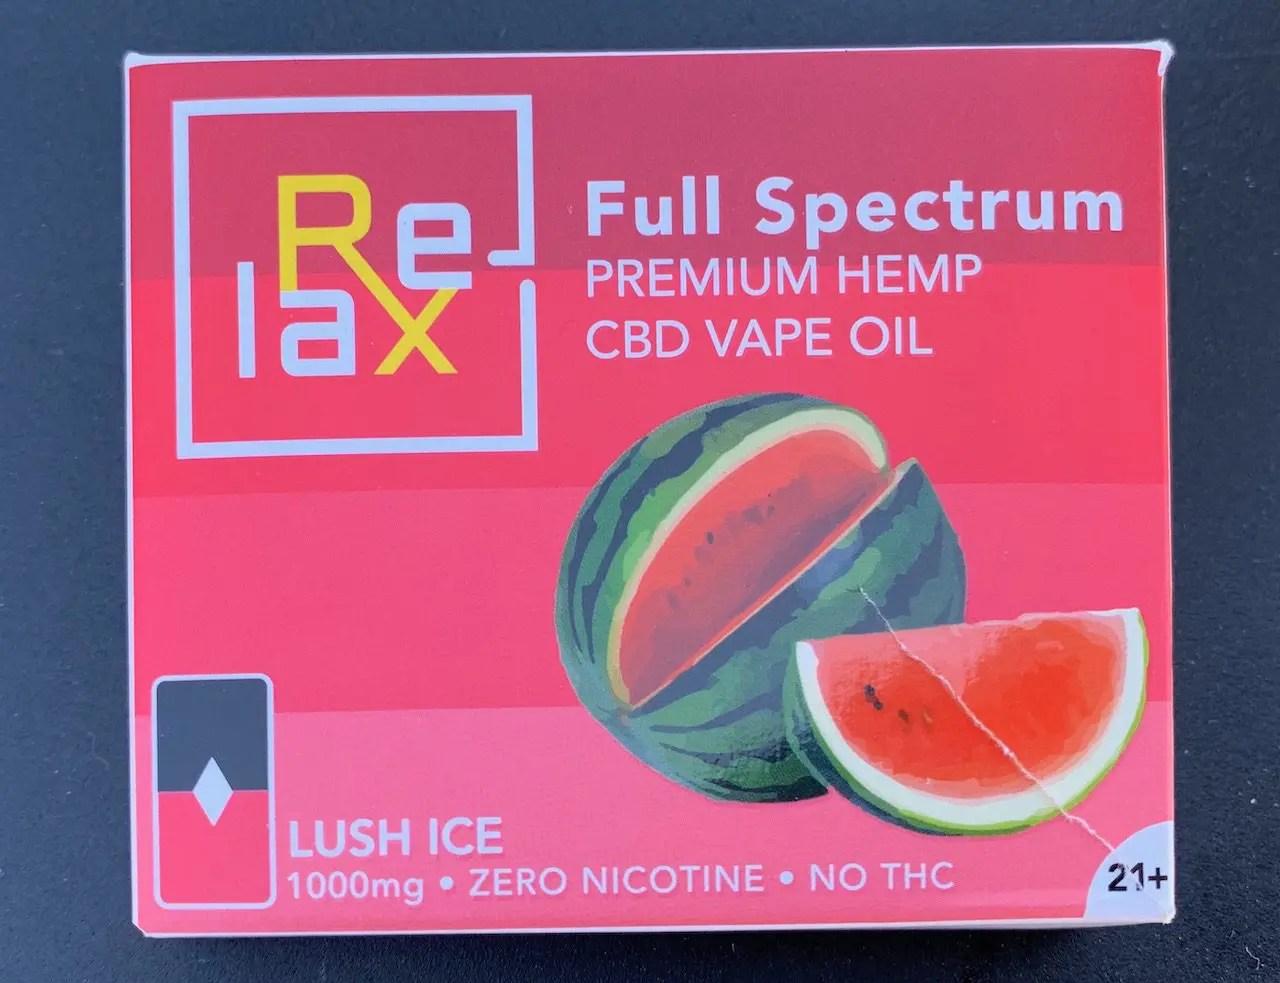 图1:  Full Spectrum Premium Hemp CBD VAPE OIL 整株优选汉麻CBD电子烟油